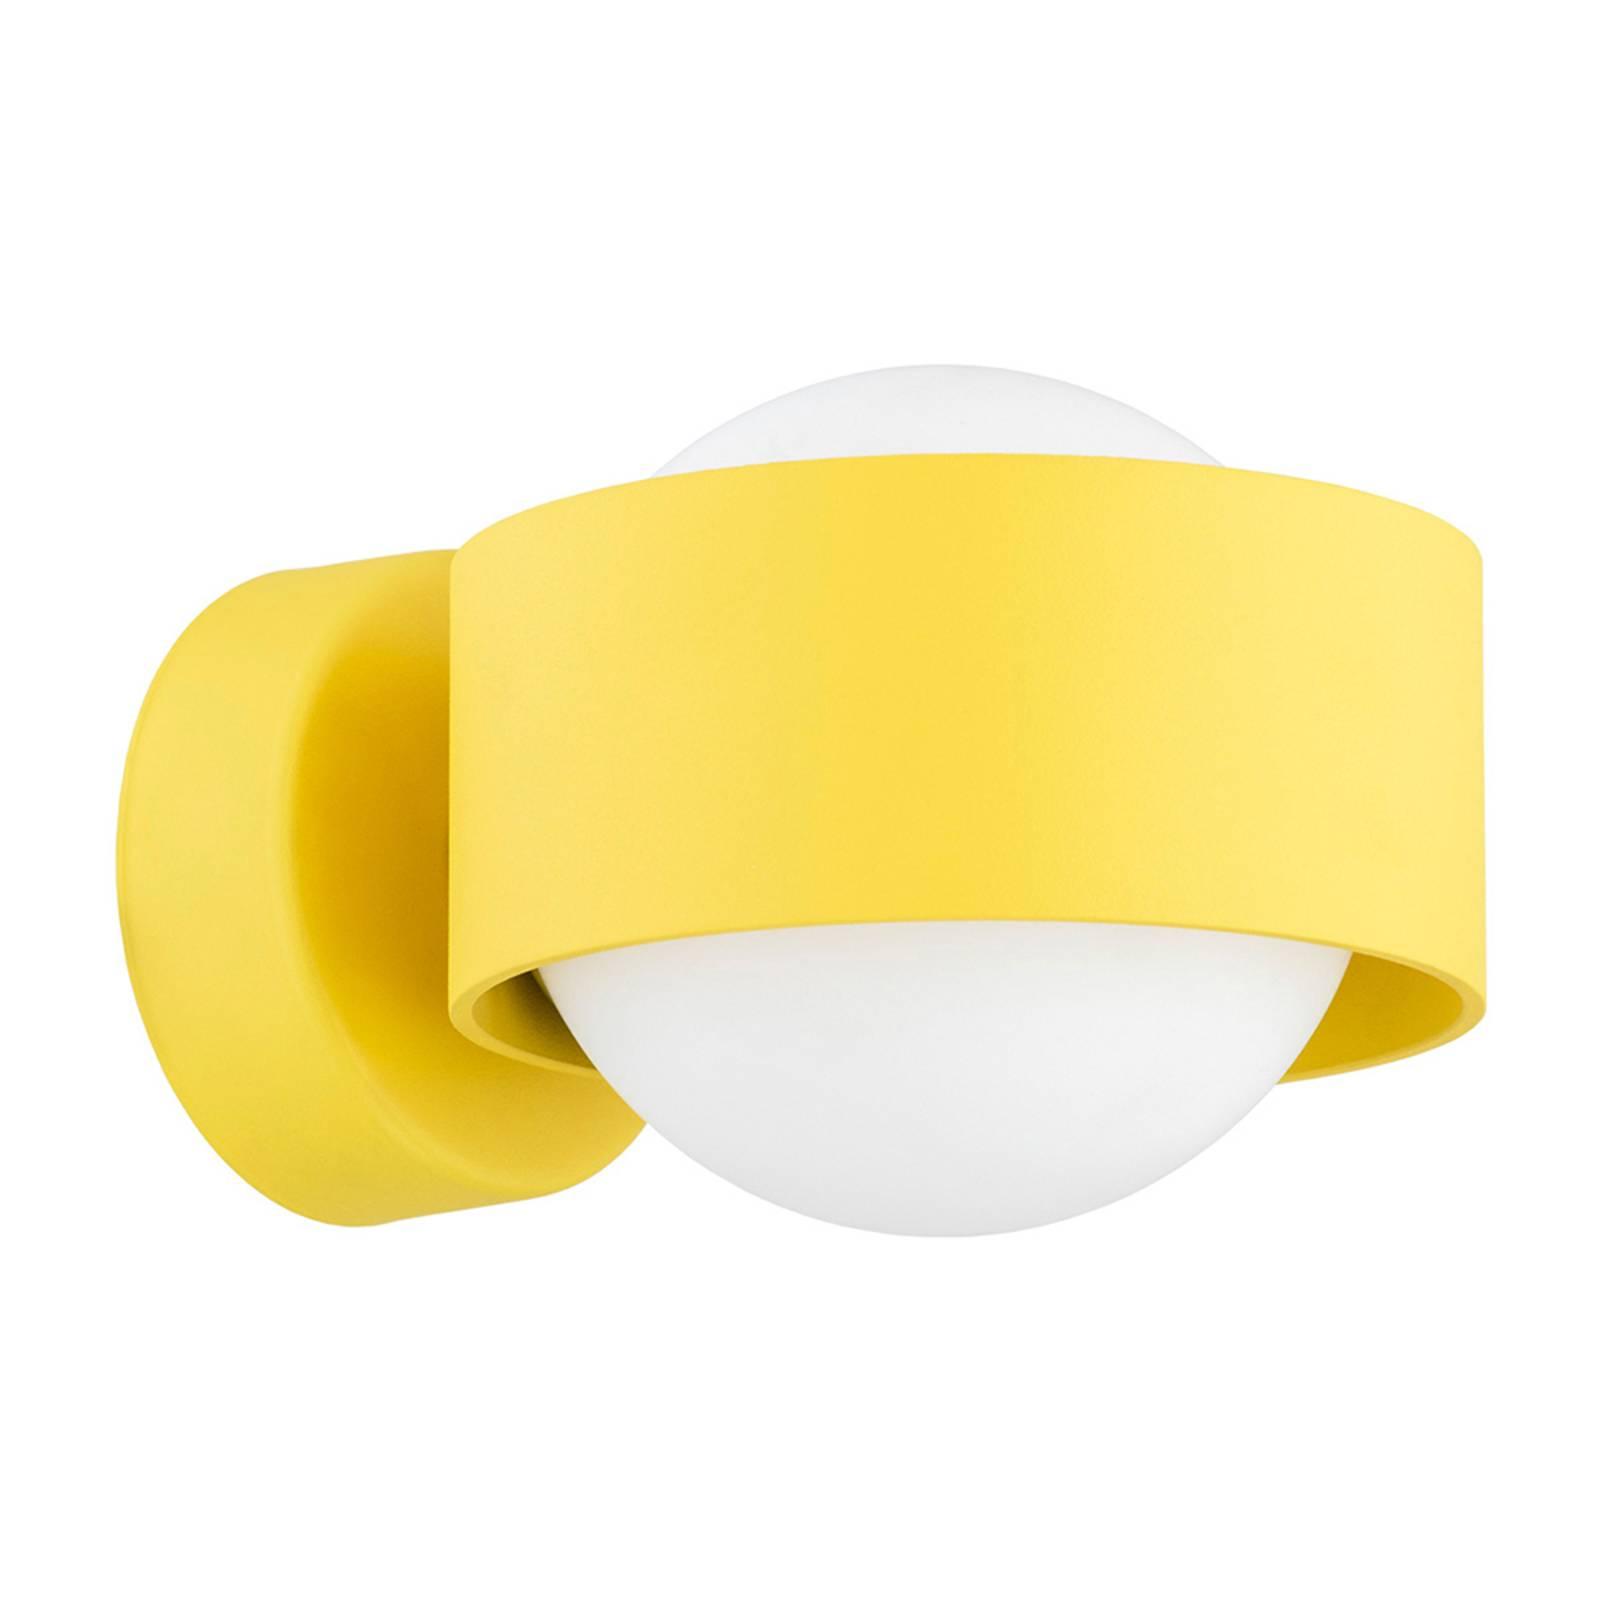 Kylpyhuoneen LED-seinälamppu Macedo, keltainen